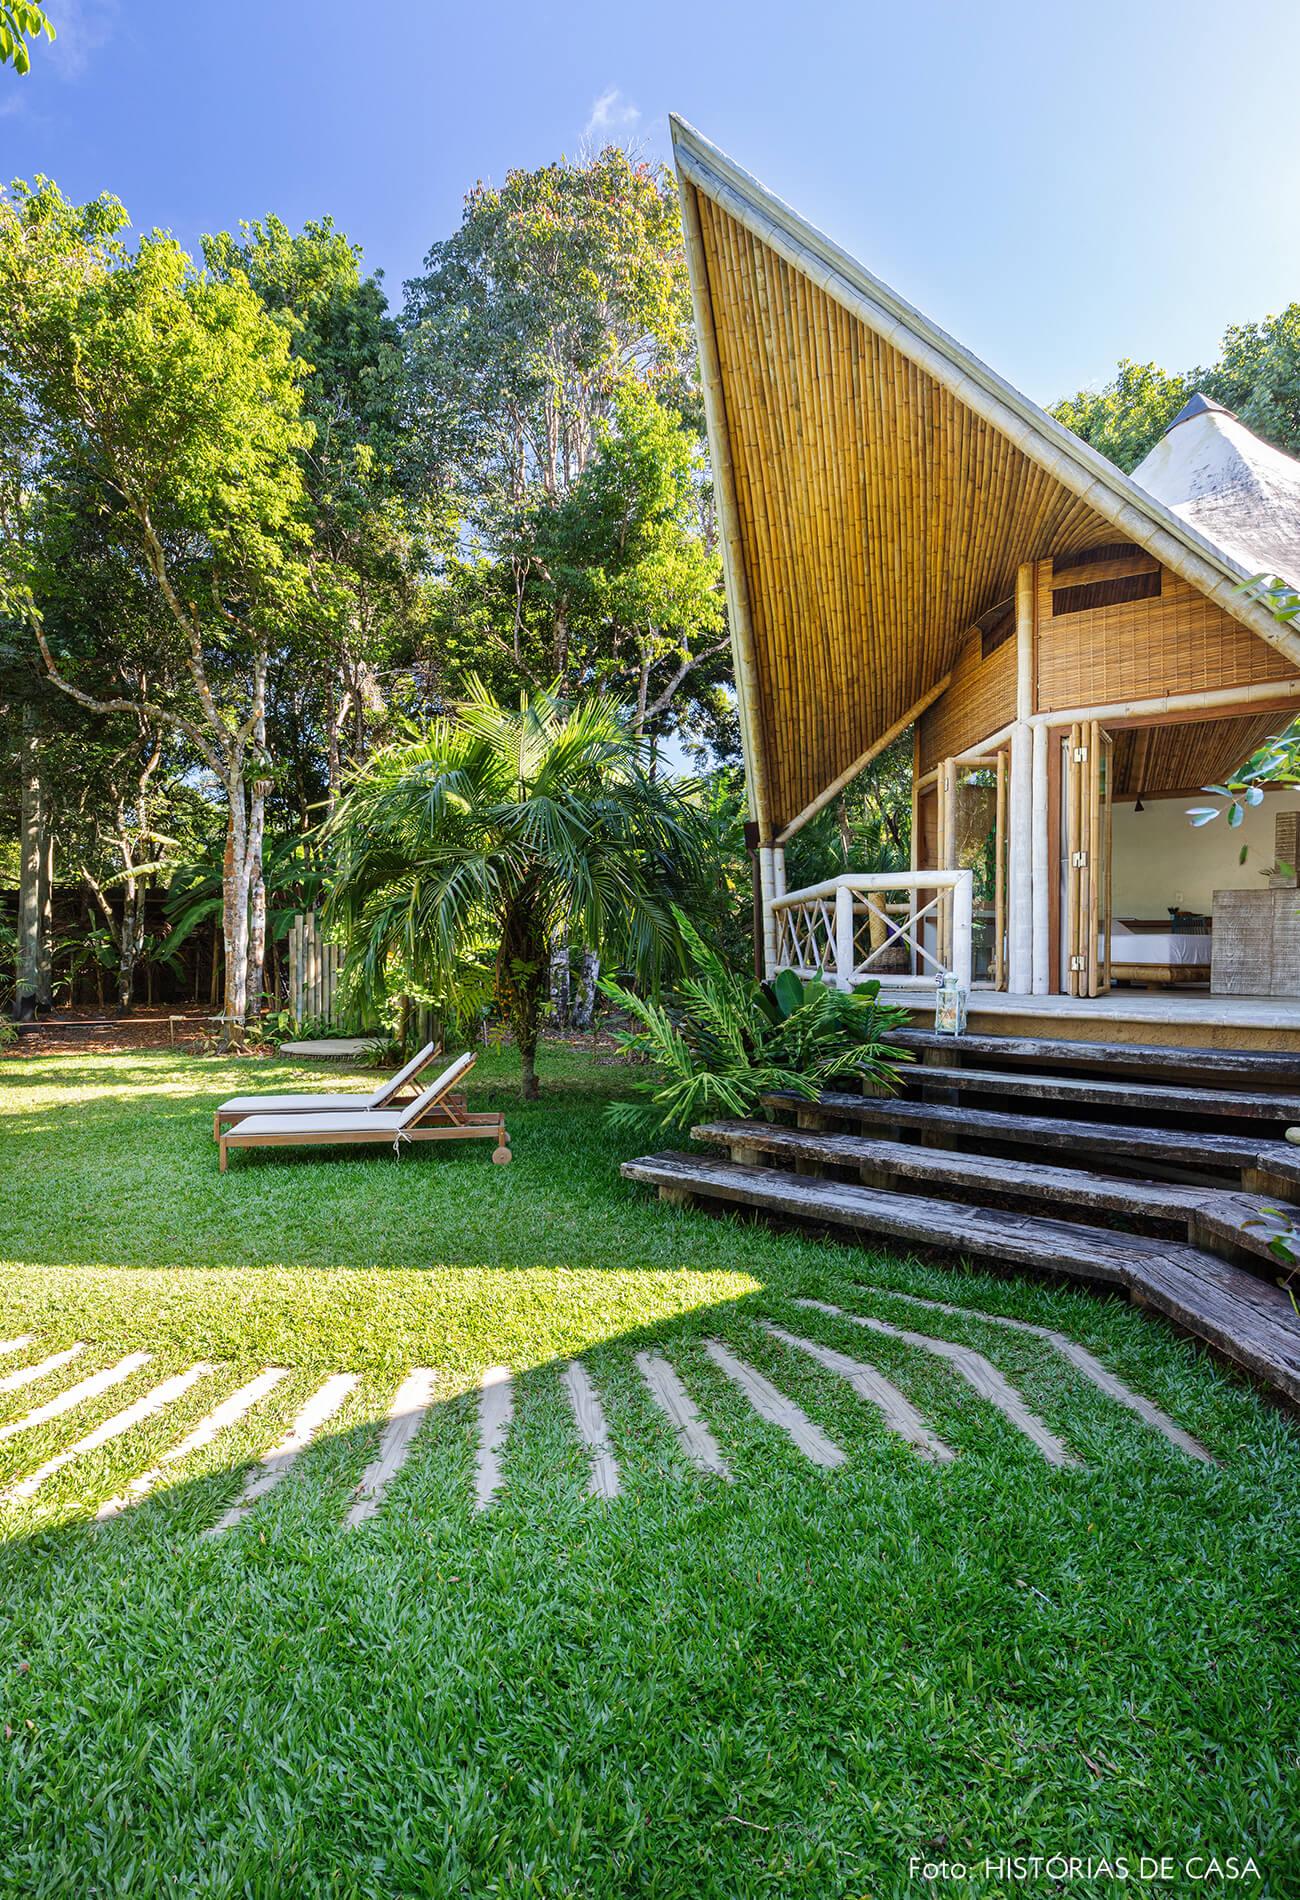 vilasete-hotel-decoracao-46-jardim-chez-long-branca-escada-madeira-teto-bambu